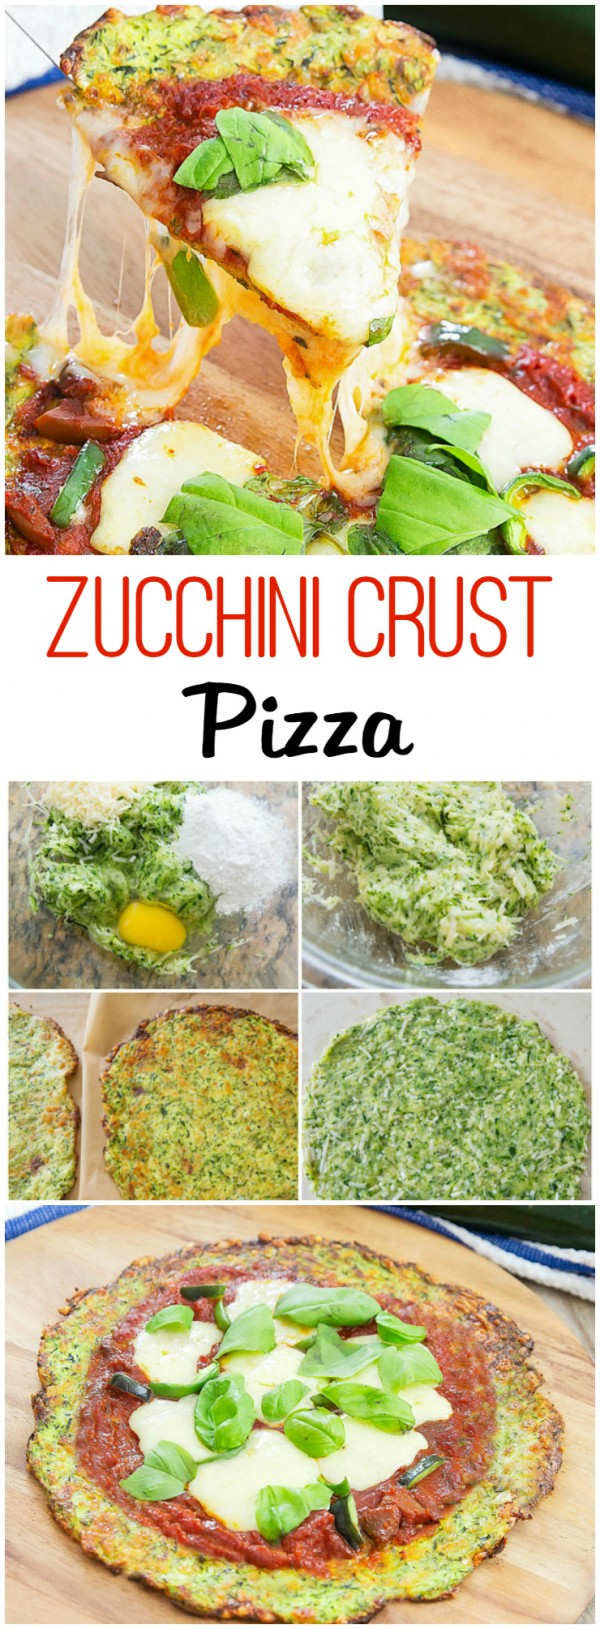 Get the recipe Zucchini Crust Pizza @recipes_to_go